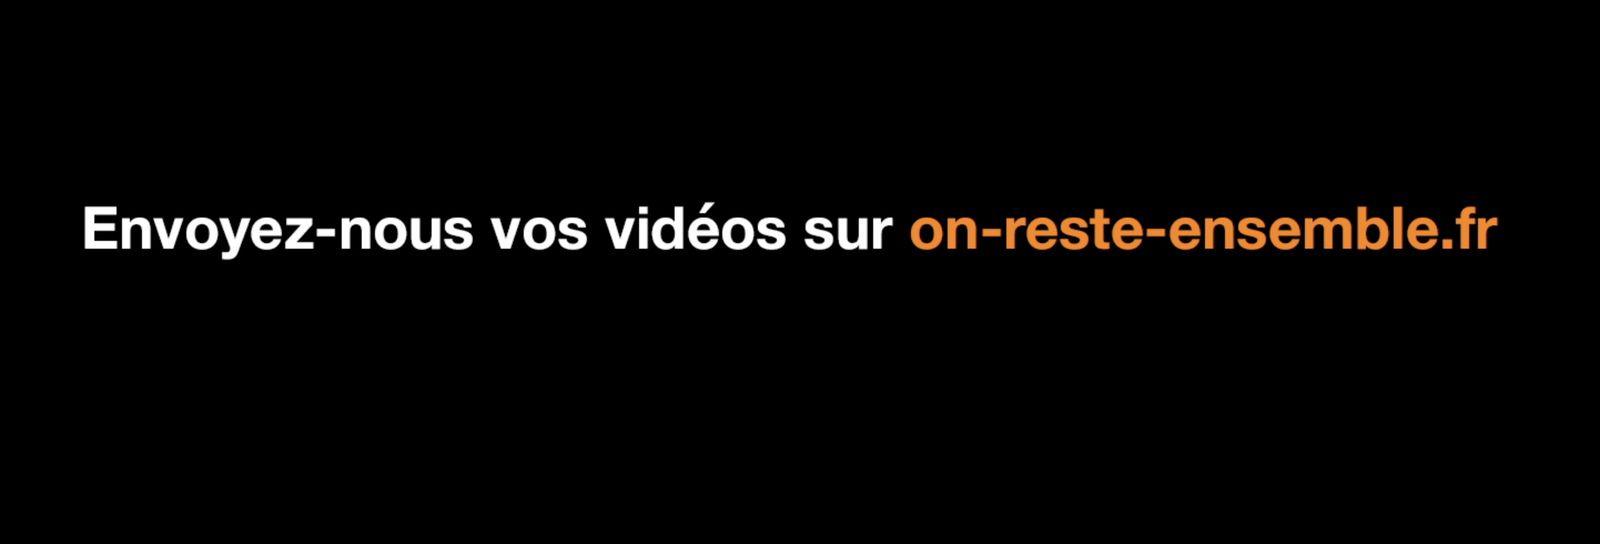 Orange lance #onresteensemble : envoyez votre message vidéo aux aînés, qui sera diffusé à la télévision.